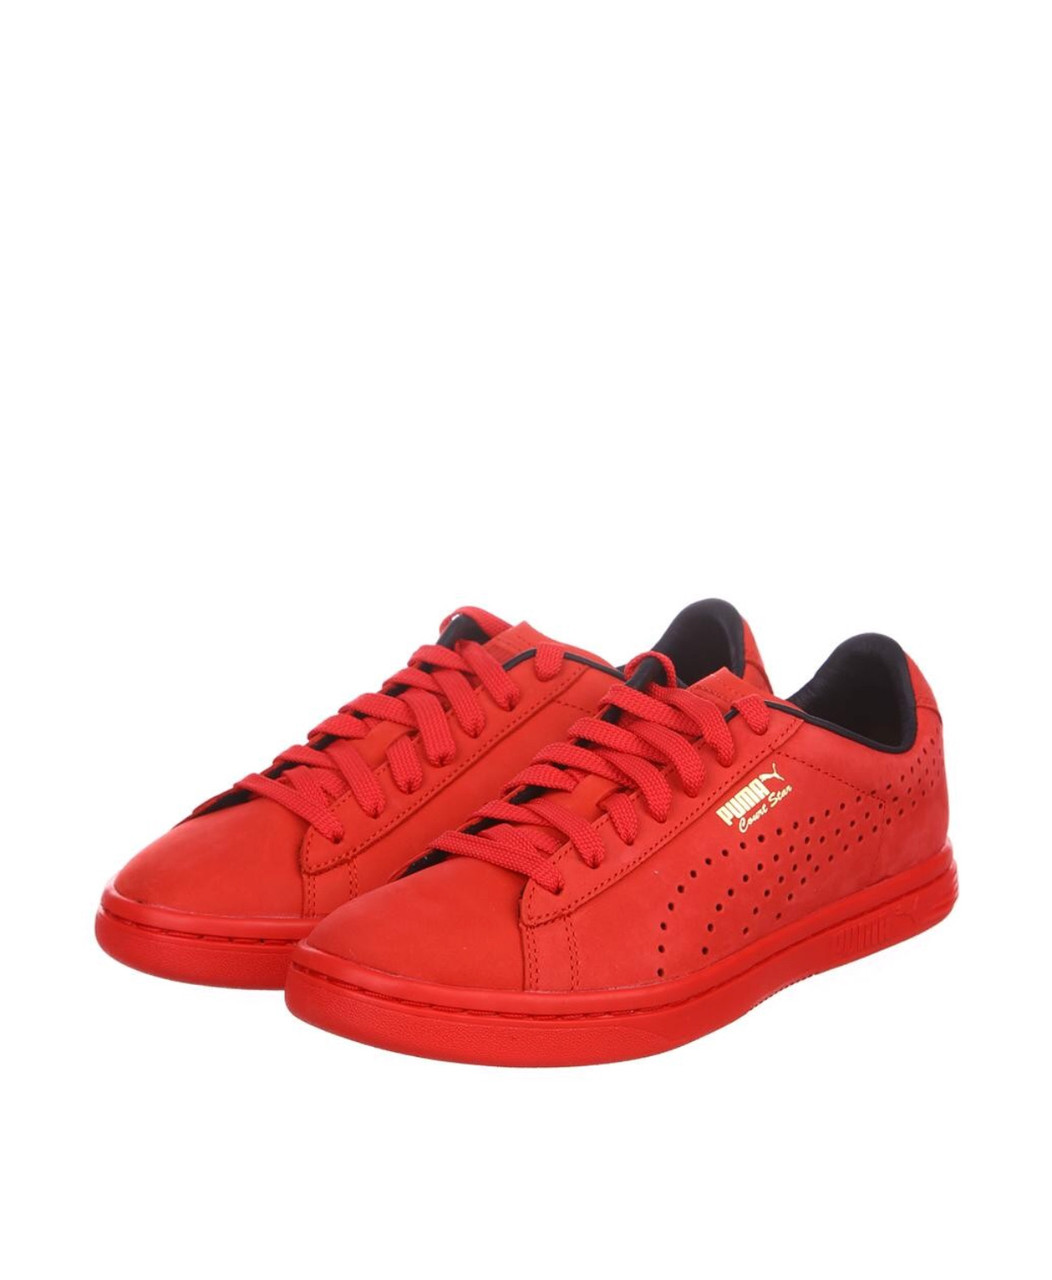 Обувь женская бренда Puma (кожа) красного и синего цвета